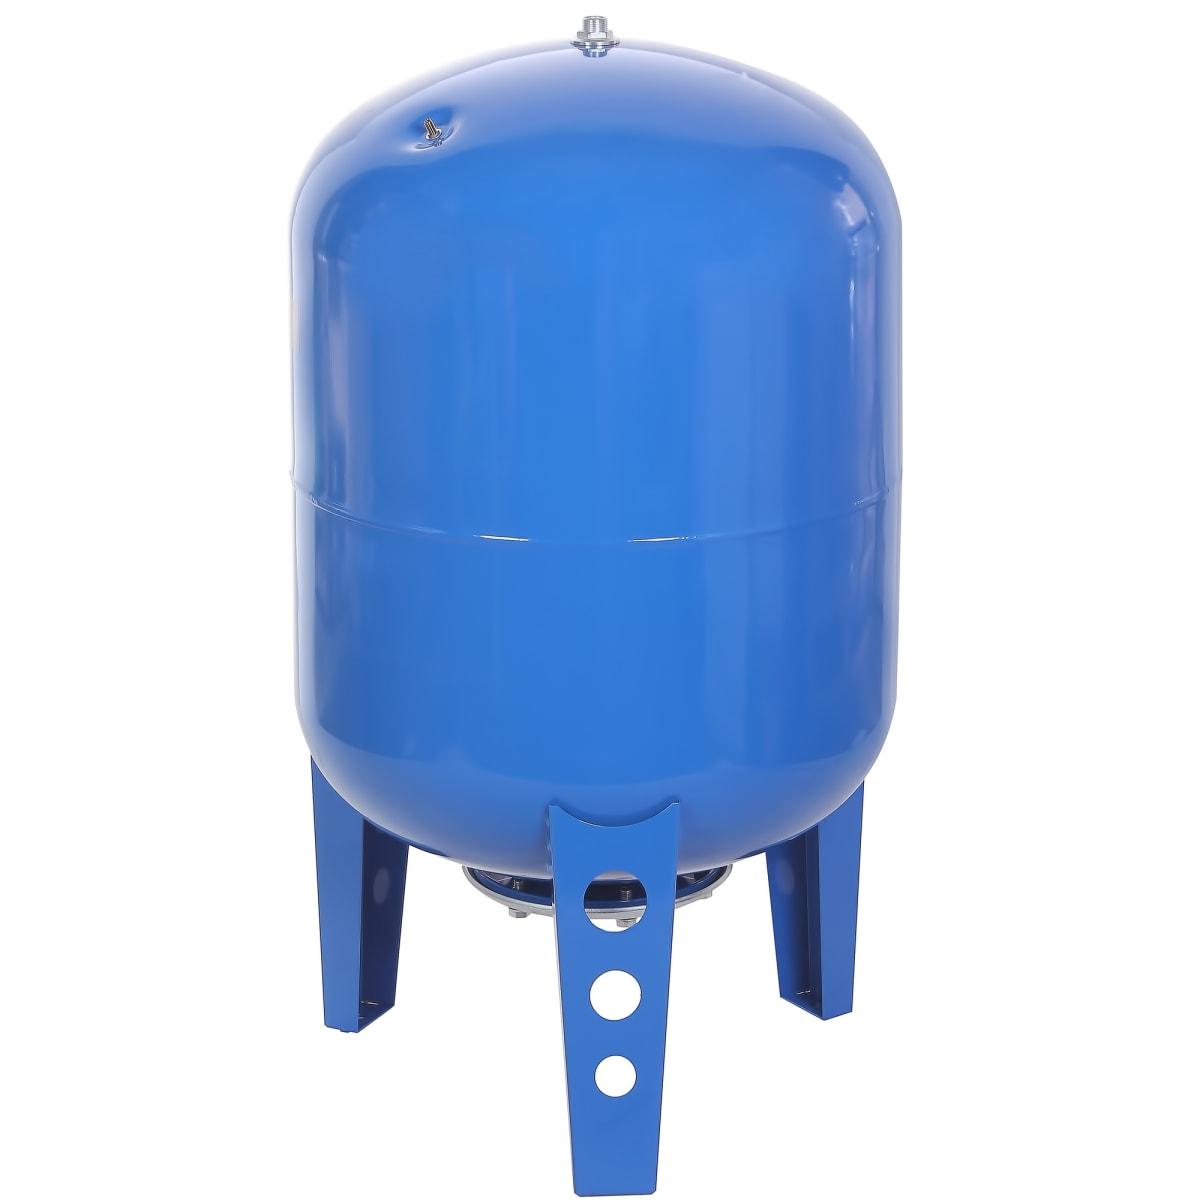 Гидроаккумулятор вертикальный 200 л, фланец оцинкованная сталь